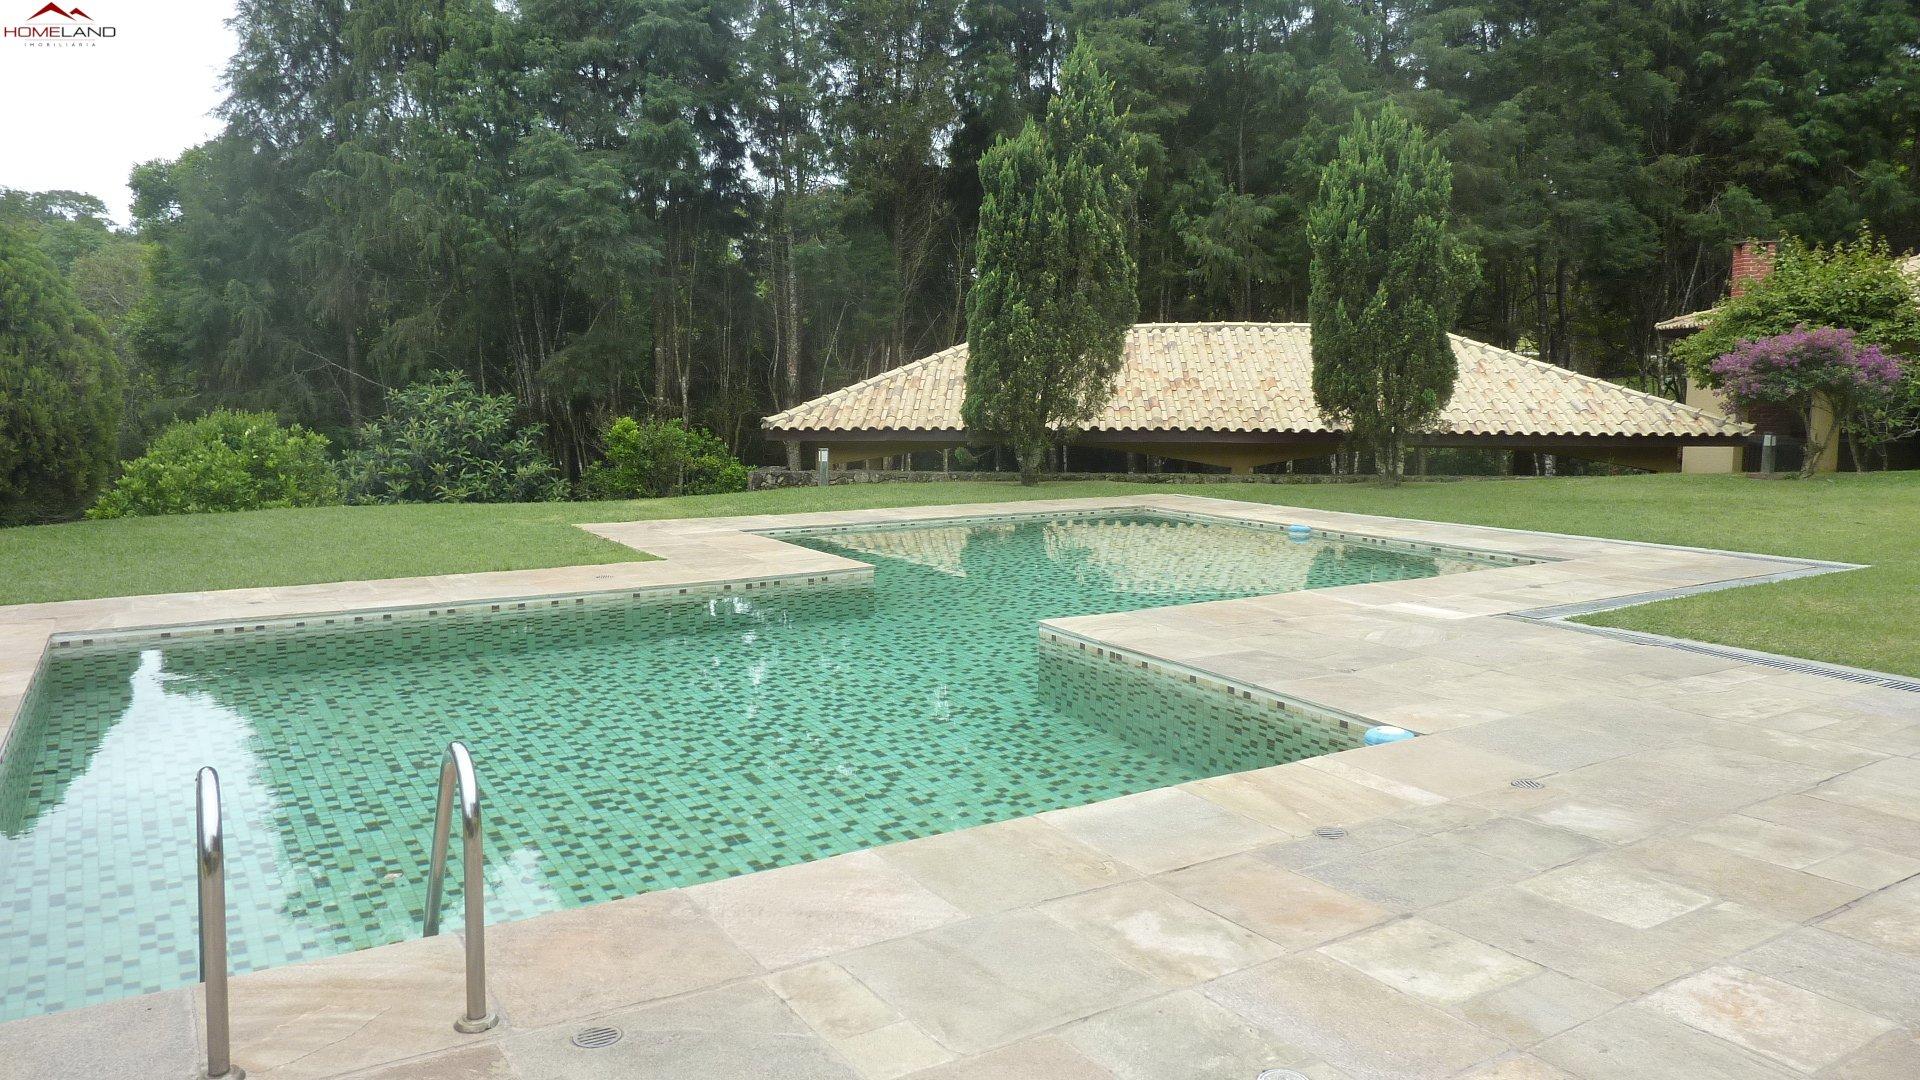 HL-151 Excelente casa em amplo terreno e  área verde no Patrimônio do Carmo por R$ 1.700 mil